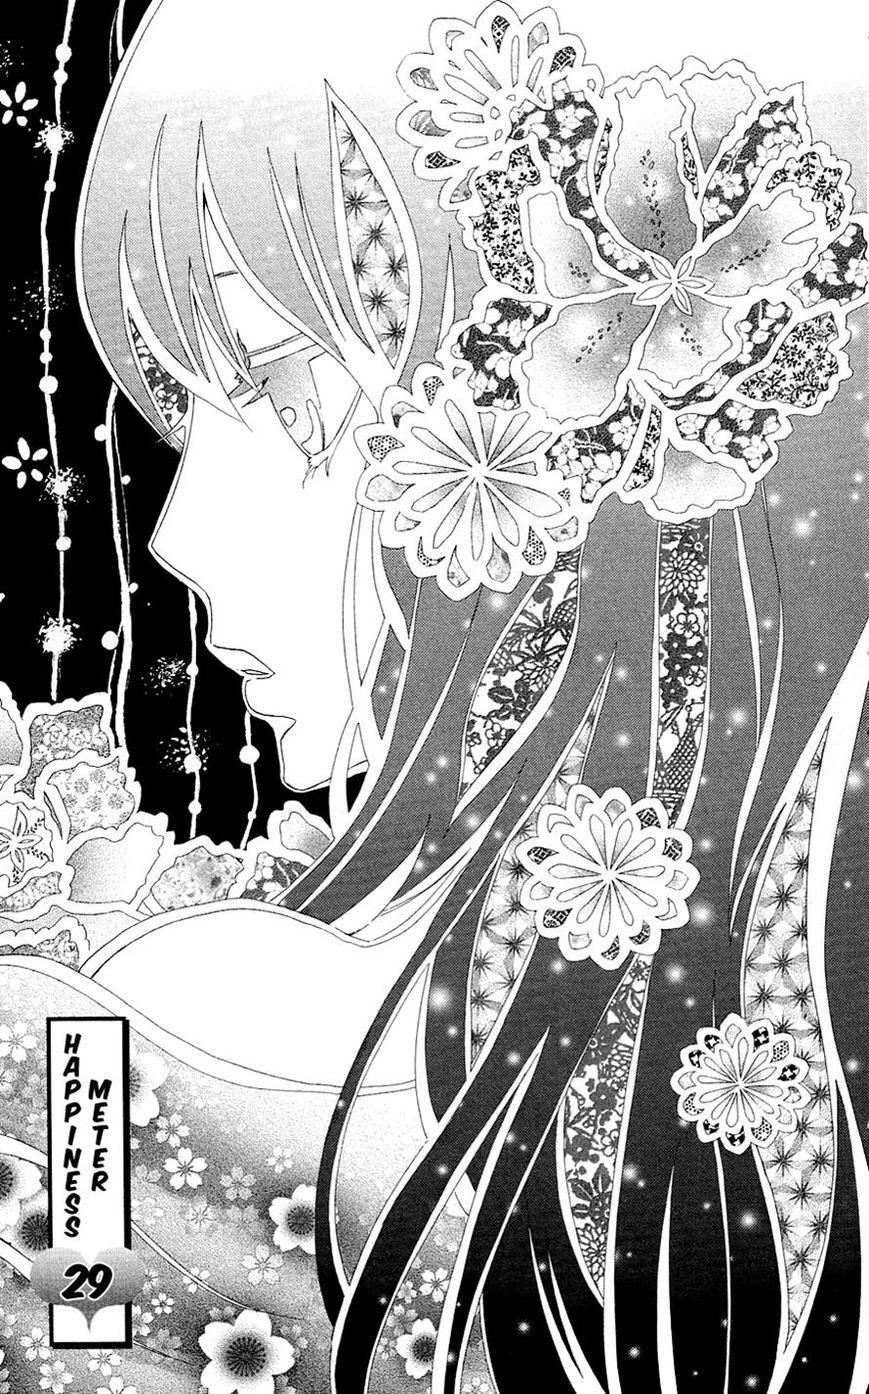 Ojousama Wa Oyomesama 29 Page 1